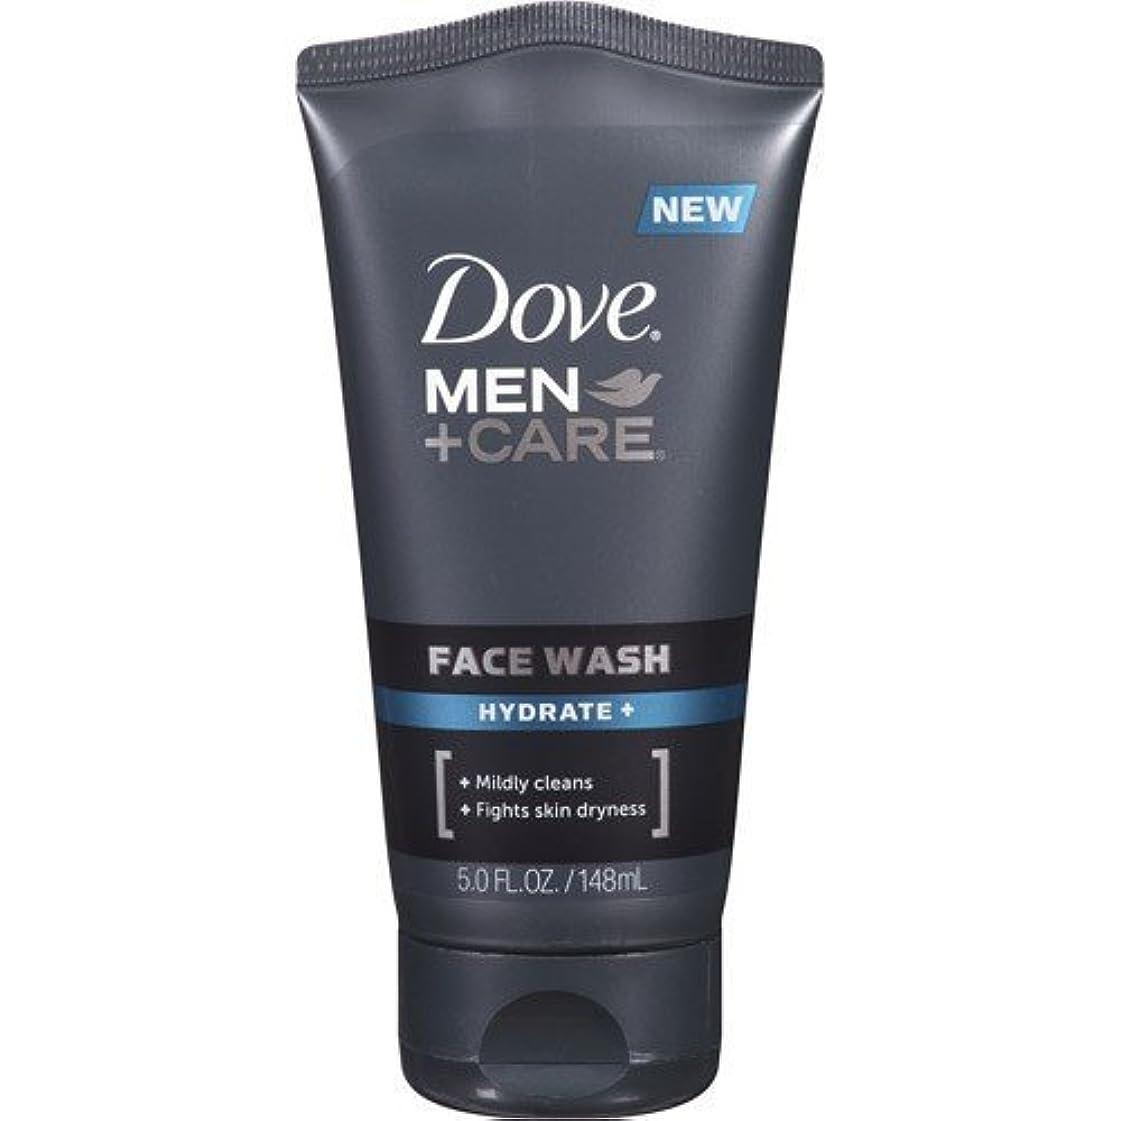 エスカレーター百万良いDove Men + Care Face Wash, Hydrate, 5 Oz by Dove